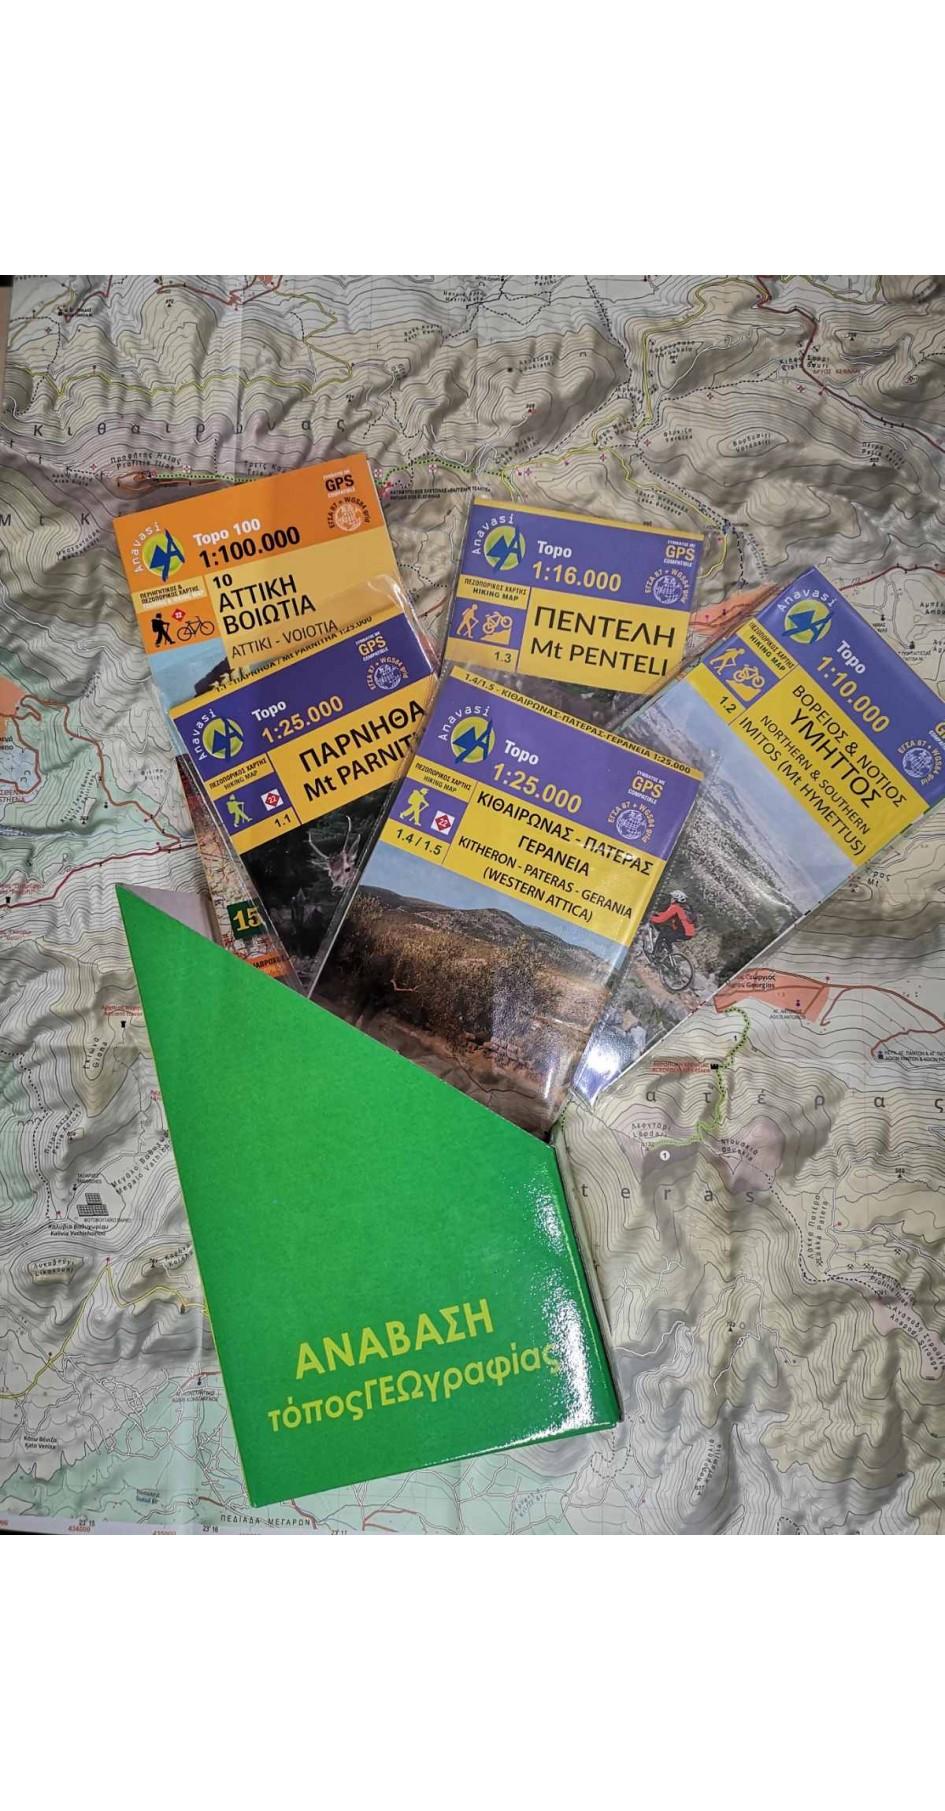 Box of Mountains of Attiki maps 4+1 free